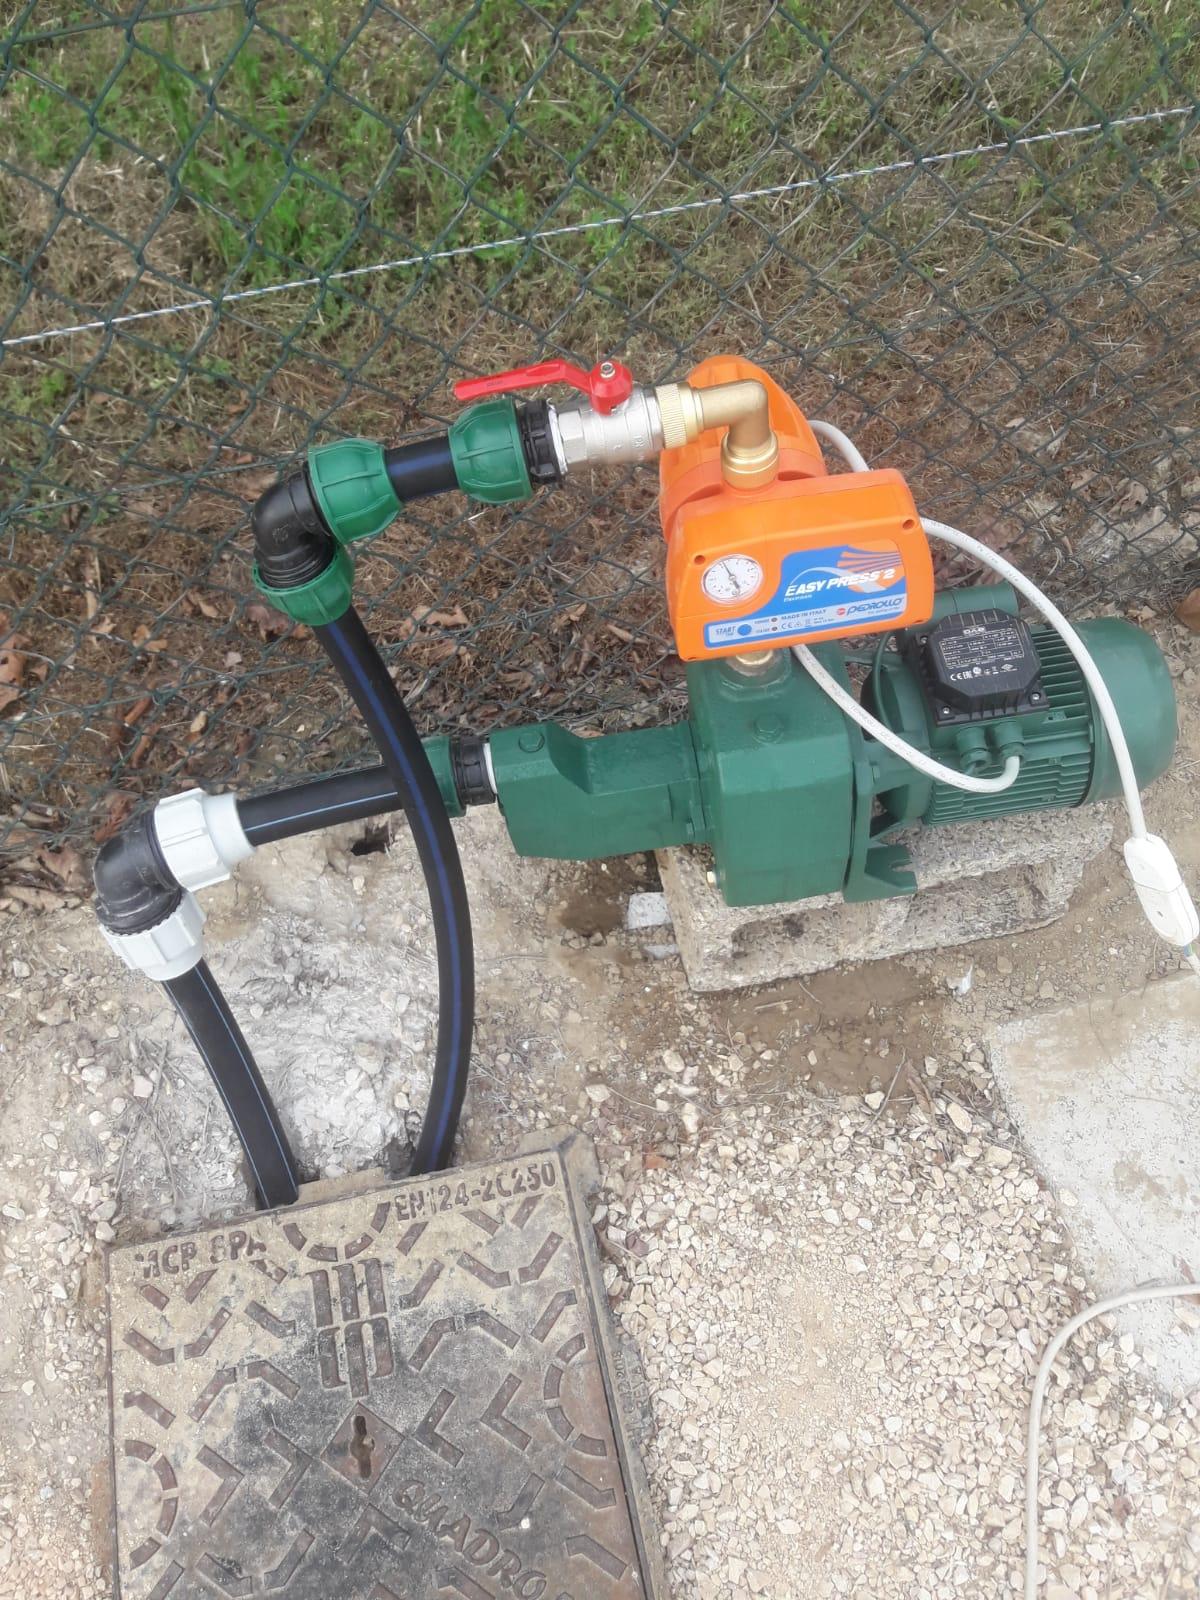 pompa irrigazione villetta Vivai Pistore